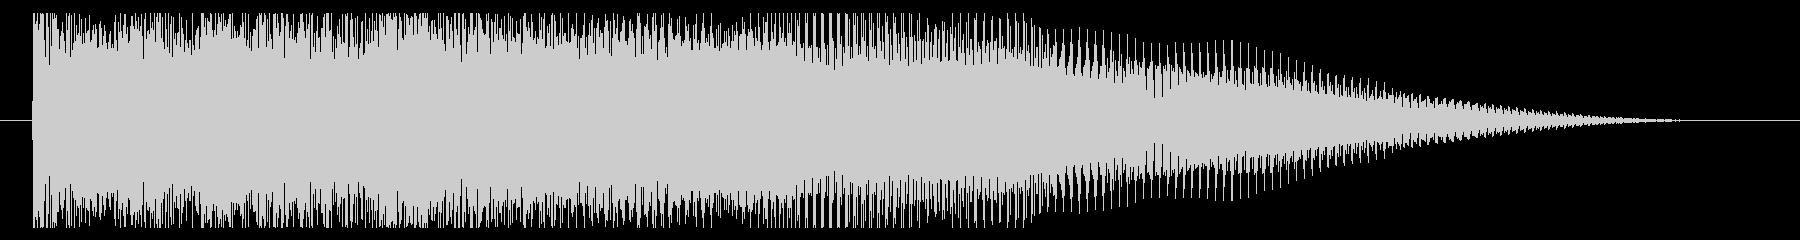 激しいエレキのジングルの未再生の波形